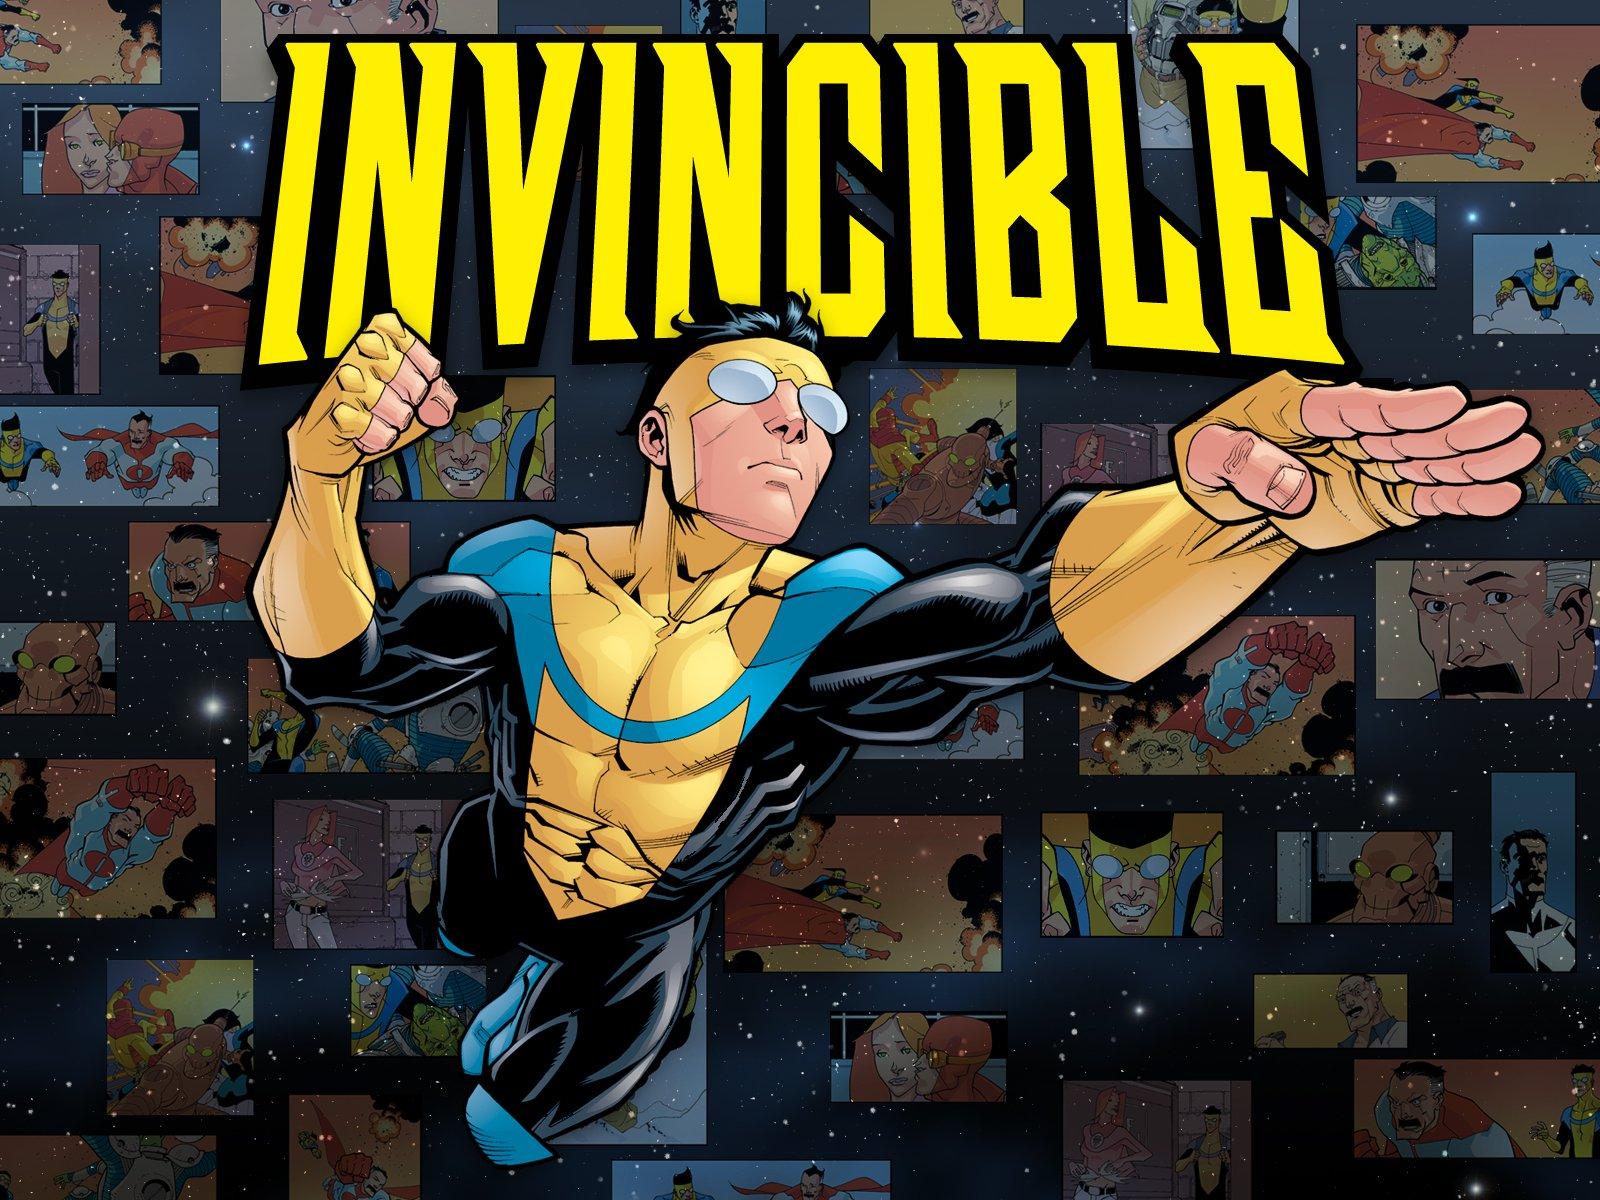 serie-invincible